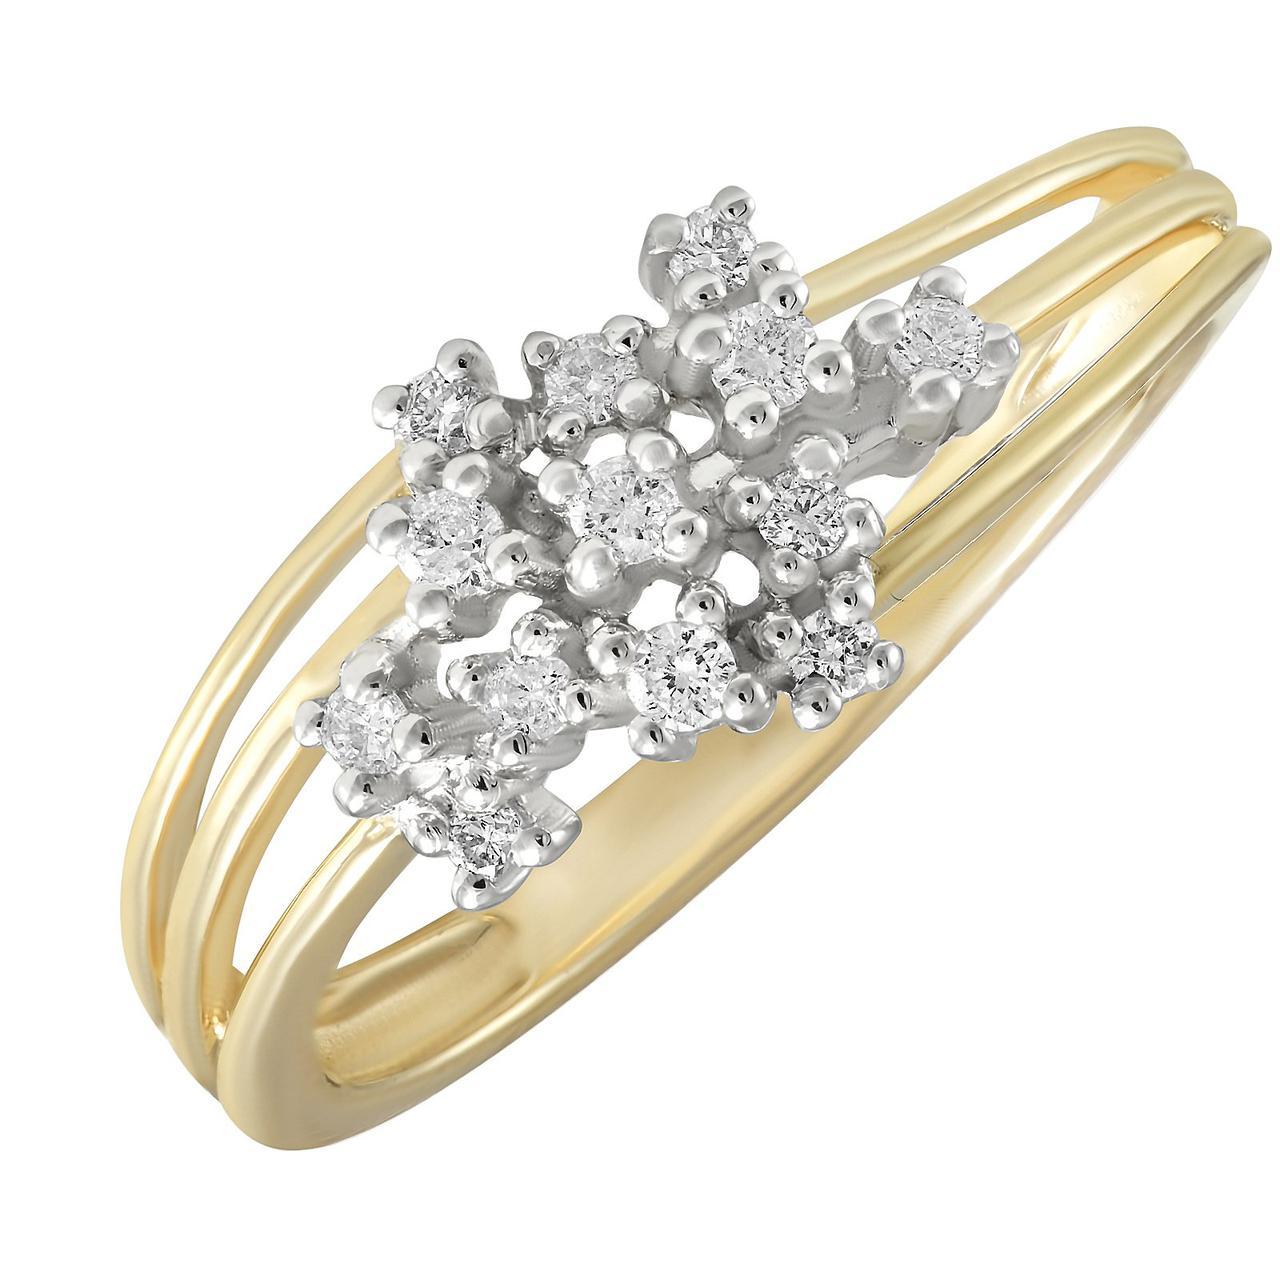 Золотое кольцо с бриллиантами, размер 16 (232956)